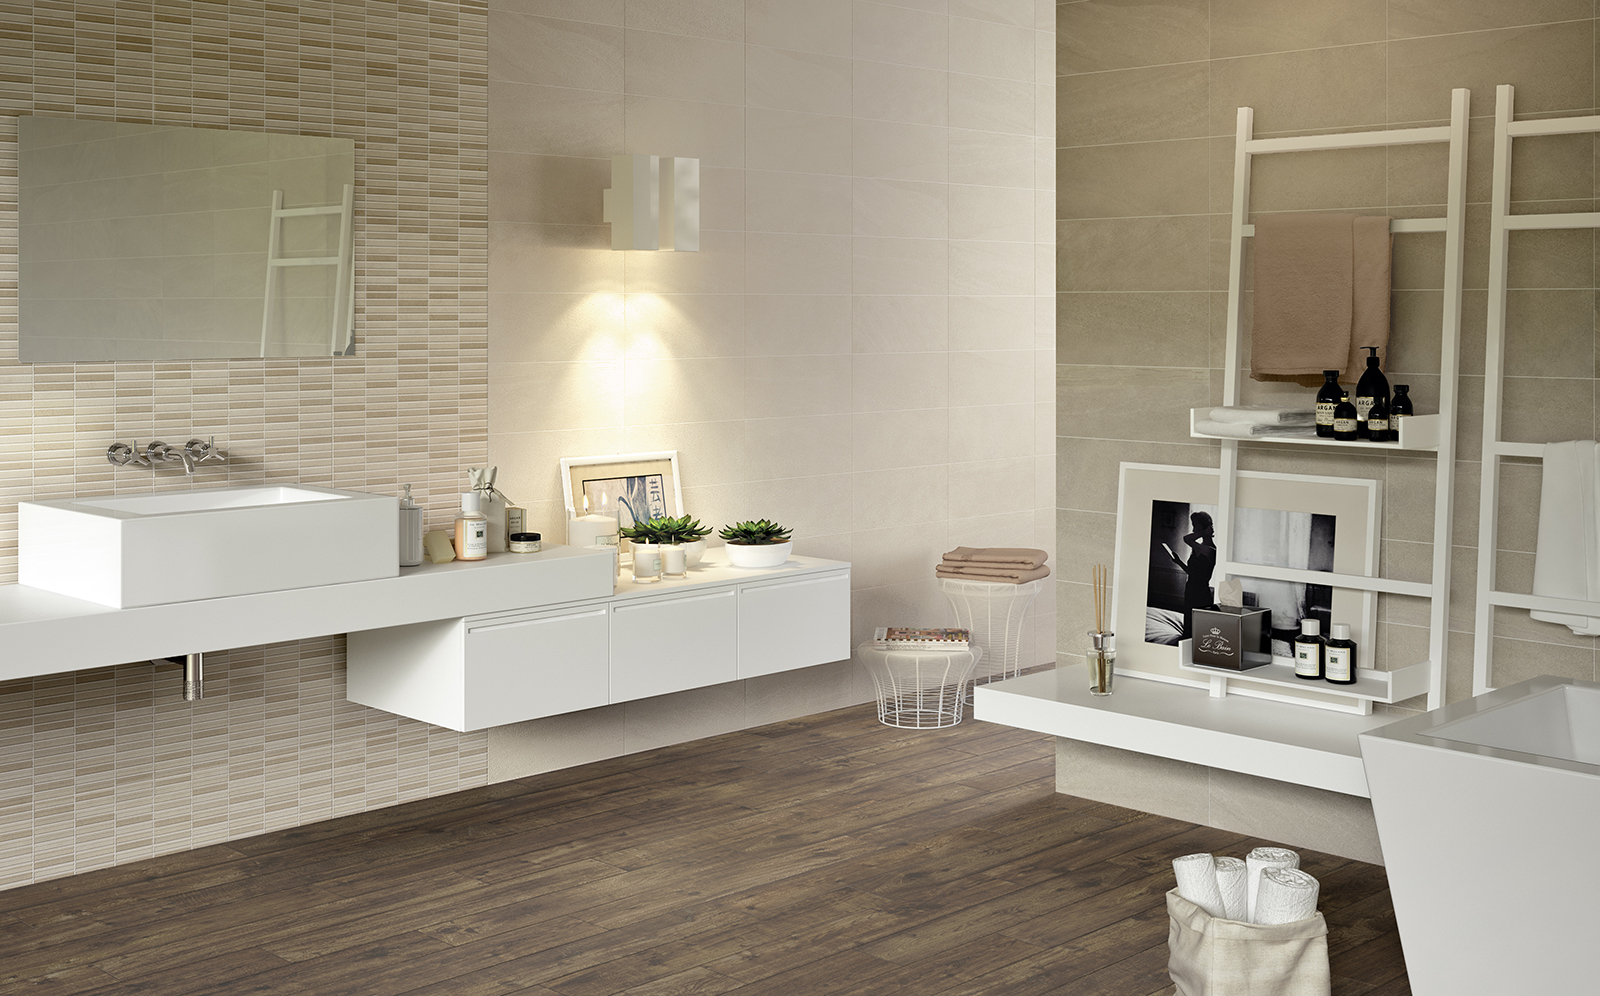 Interiors rivestimento bagno e cucina marazzi - Rivestimenti piastrelle bagno ...